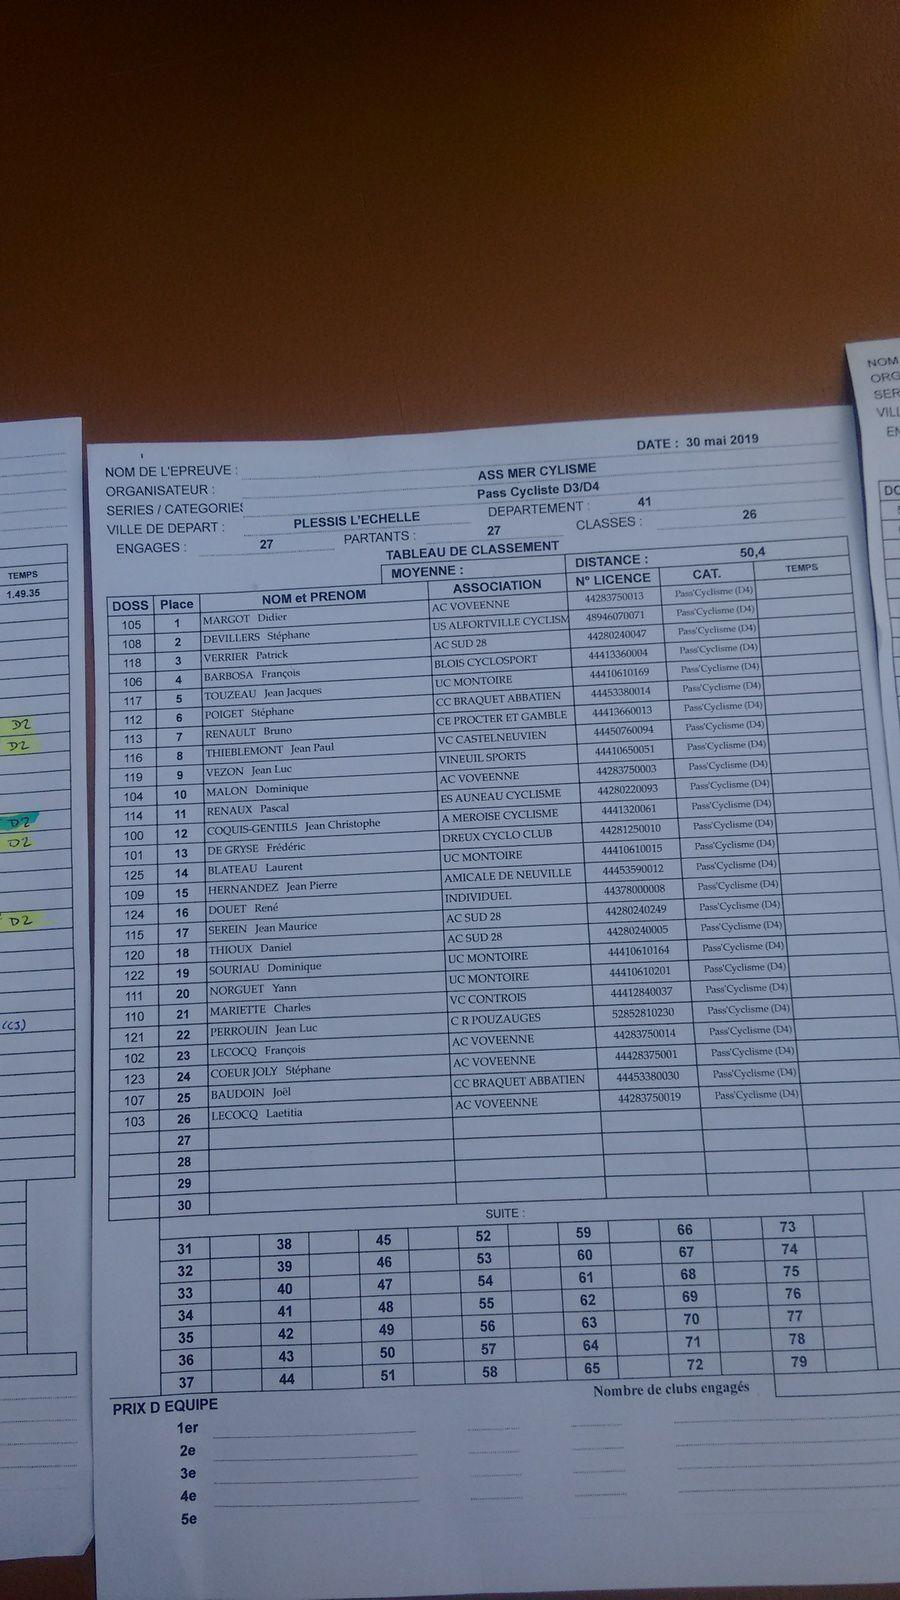 Le Plessis l'Echelle (41) D1 victoire de Léonard Cosnier (UC Joué les Tours), 1er D2 Christophe Apruzzese (Dreux CC), D3 victoire Cédric Coupe (P Patay) et victoire en D4 de Didier Margot (AC Voves)